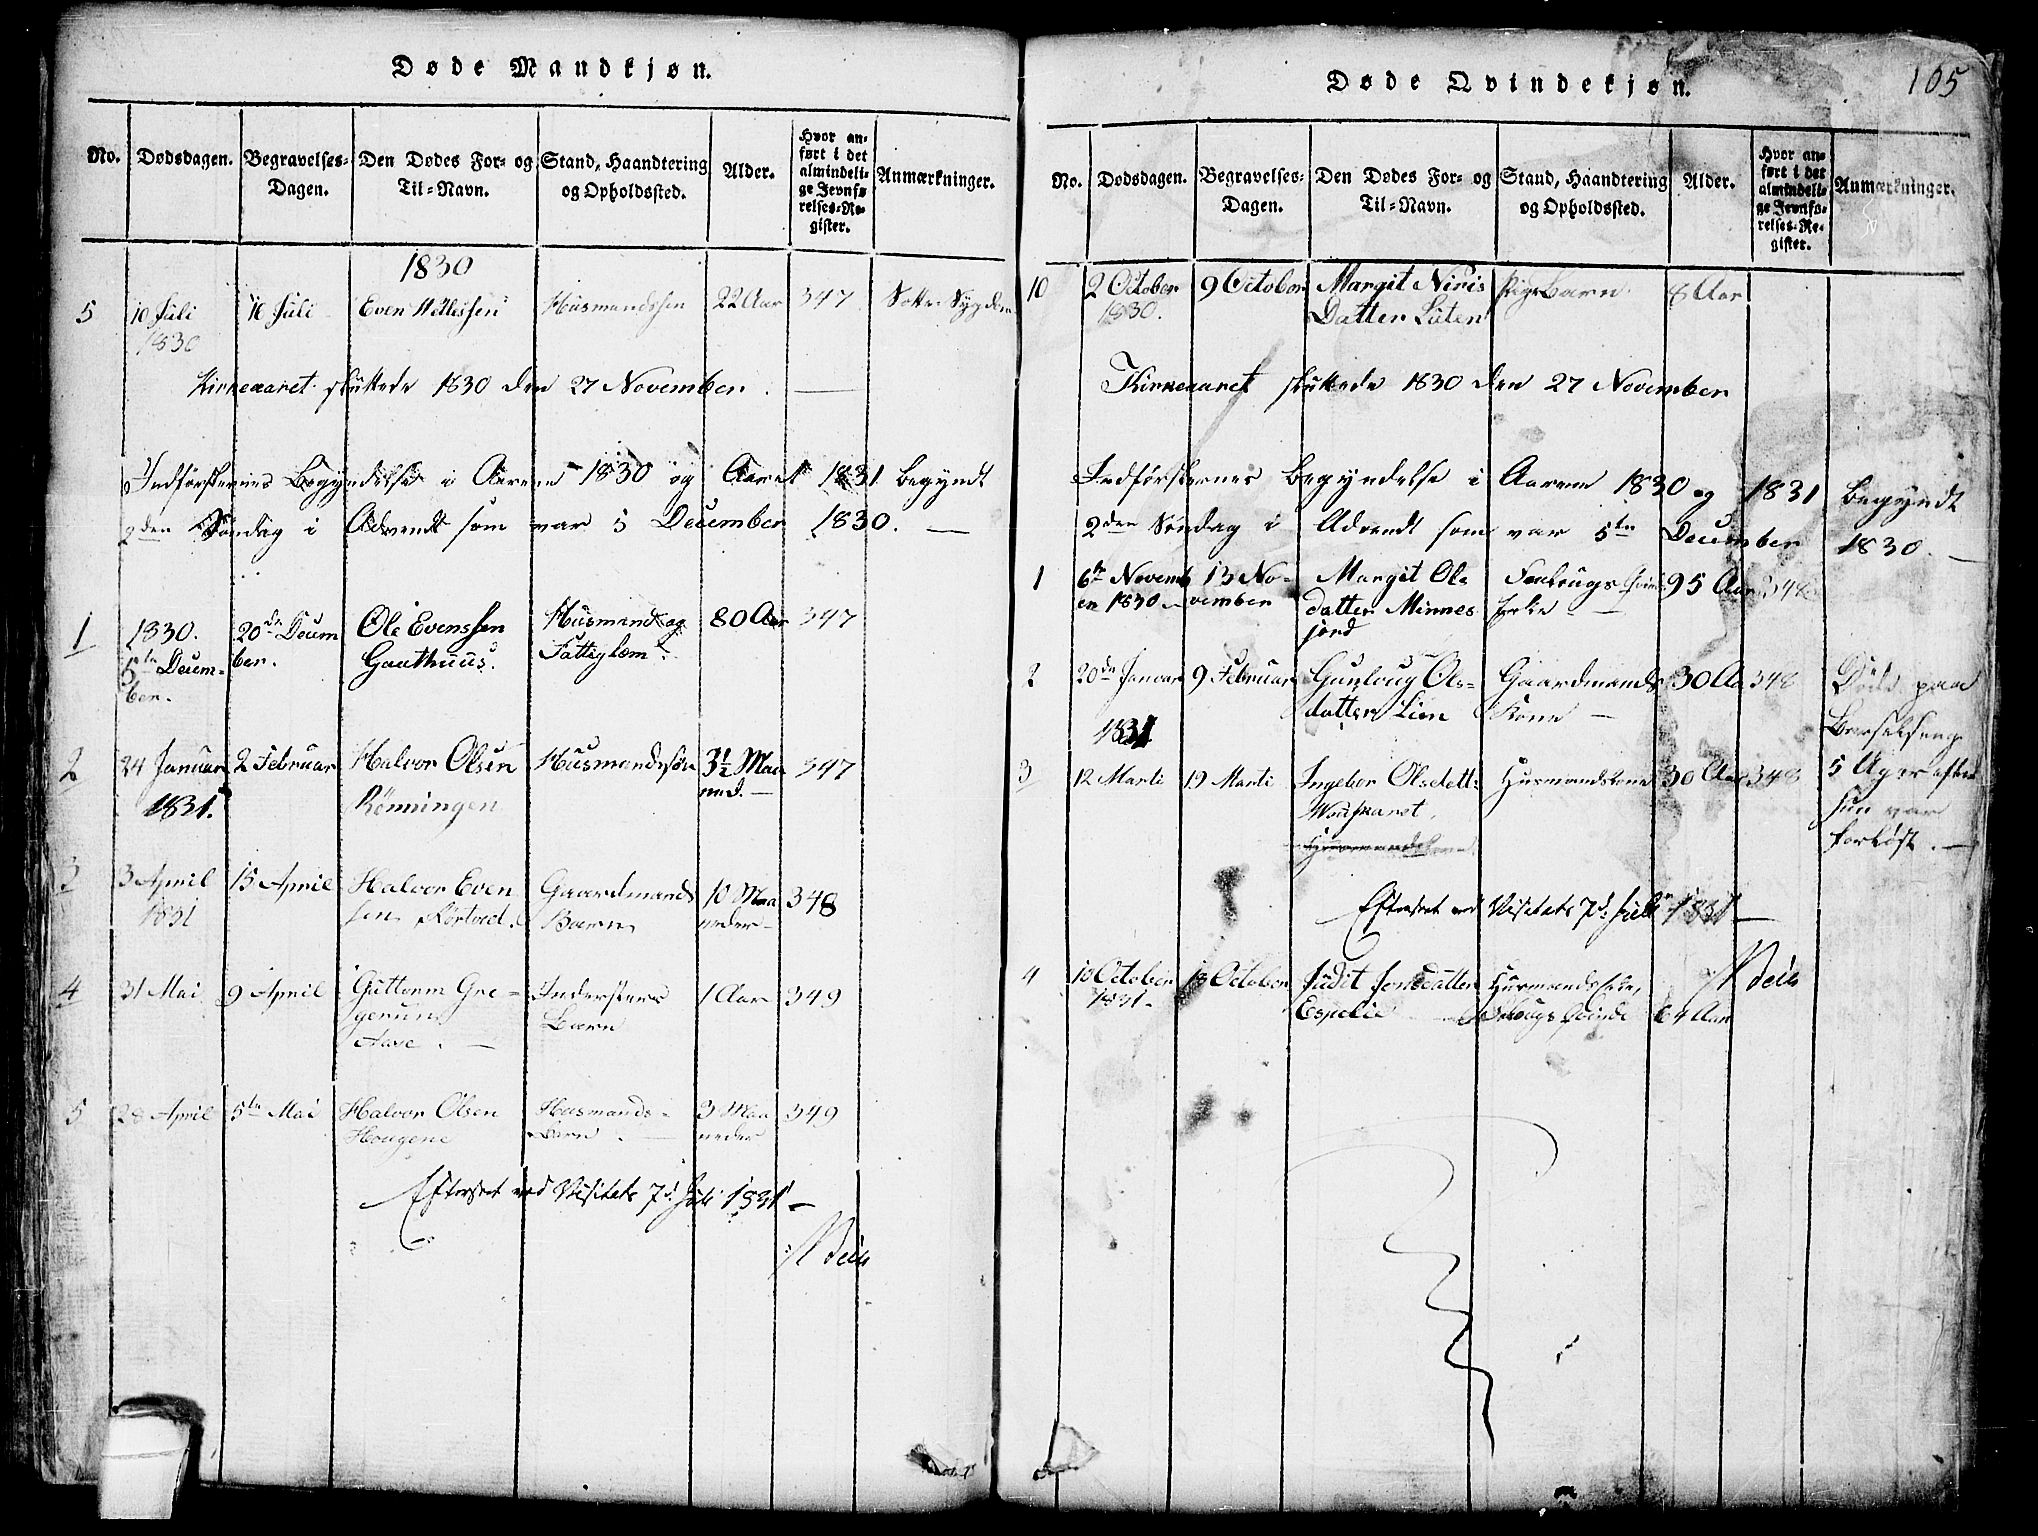 SAKO, Seljord kirkebøker, G/Gb/L0002: Klokkerbok nr. II 2, 1815-1854, s. 105